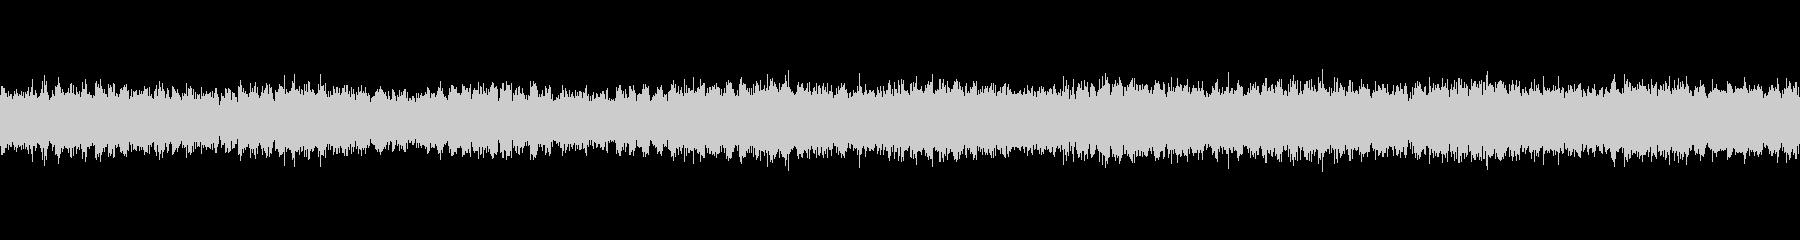 【生録音】ループで使える秋の虫の声 7の未再生の波形